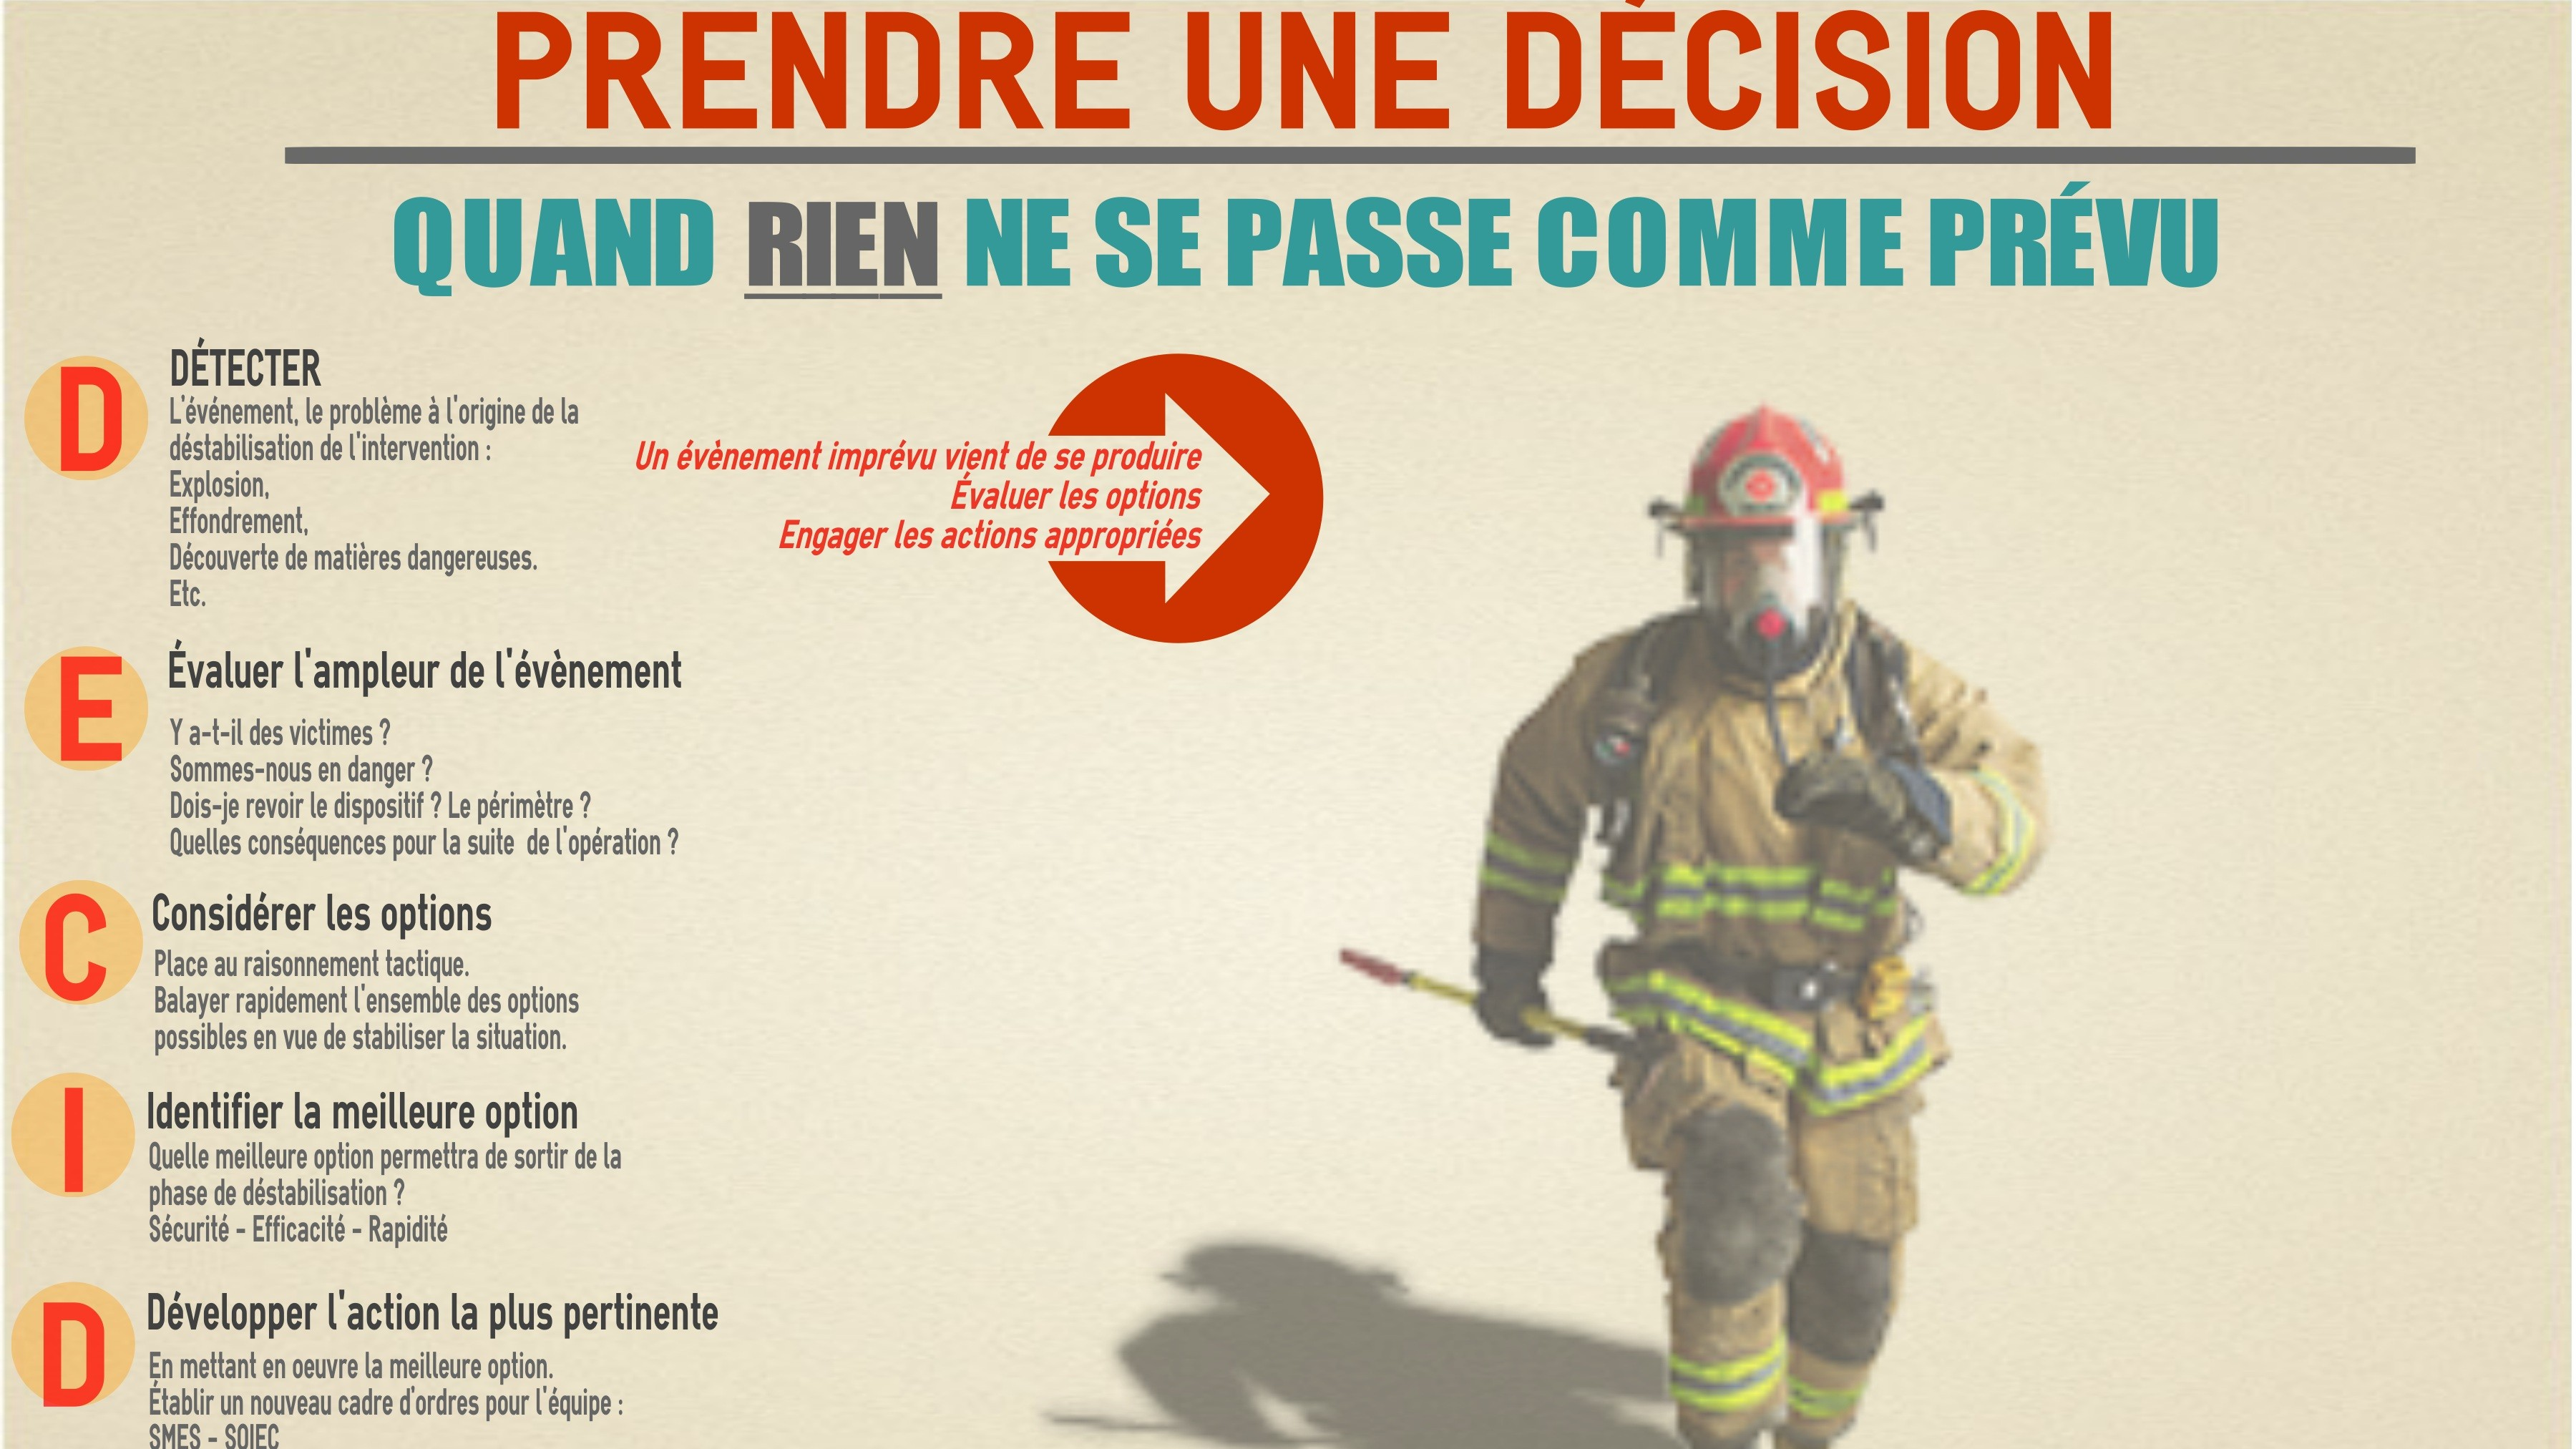 R agir quand rien ne se passe comme pr vu info pompiers - Quand passer le scarificateur ...